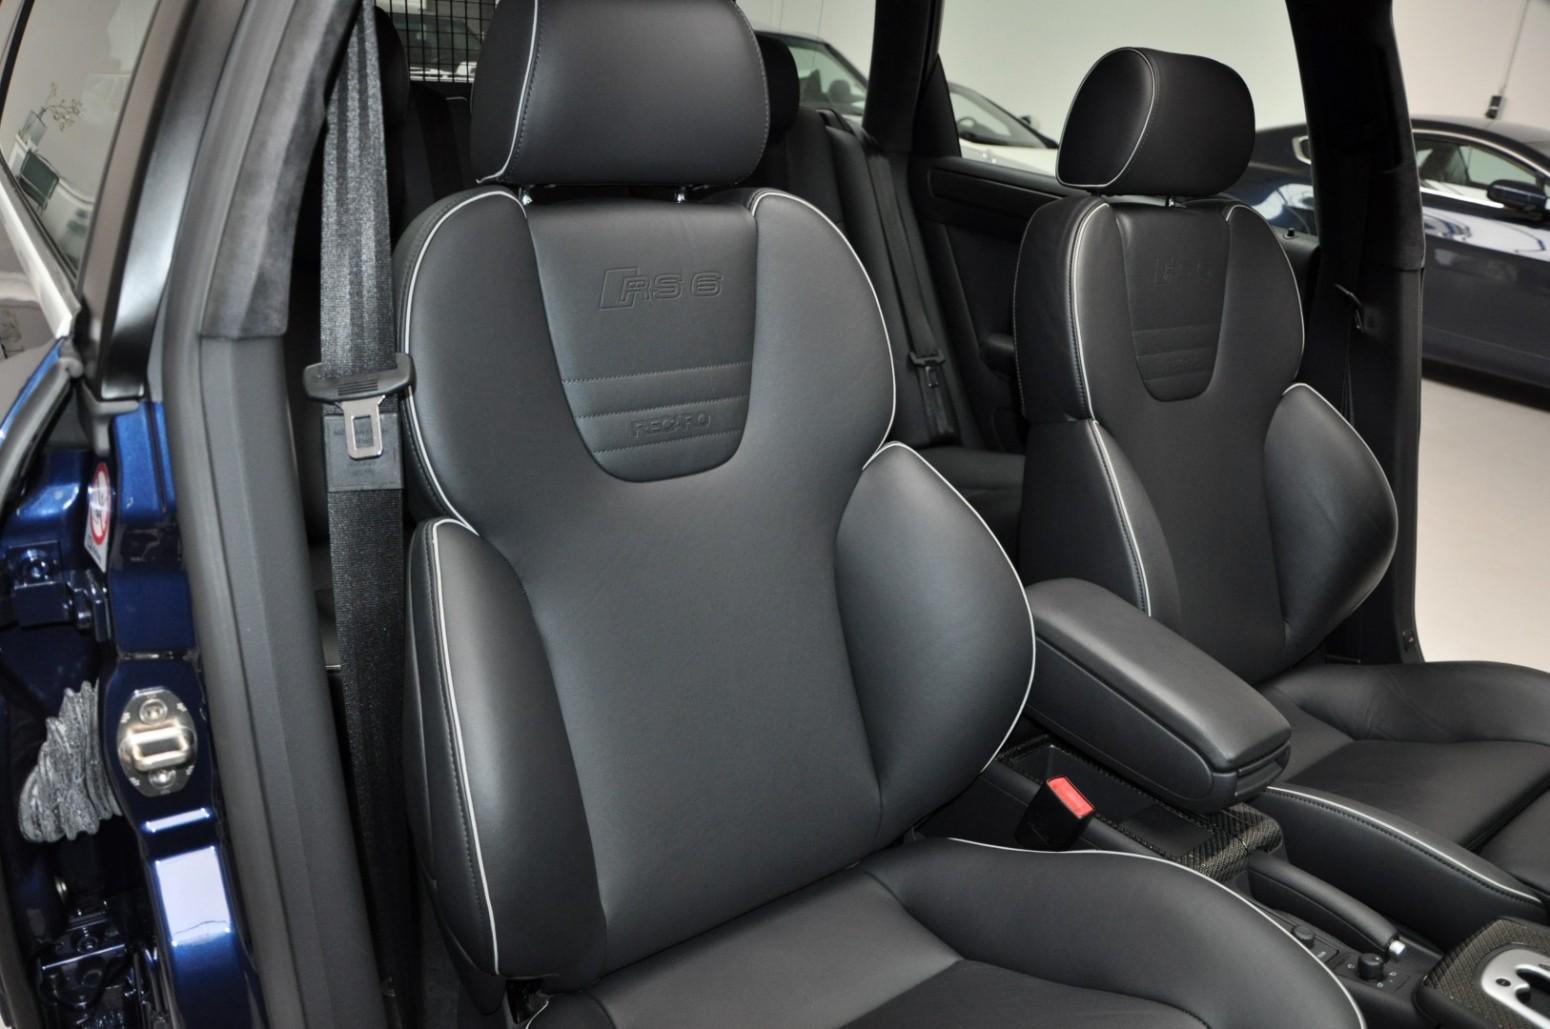 Gloednieuwe Audi RS 6 (C5) voorstoelen recaro